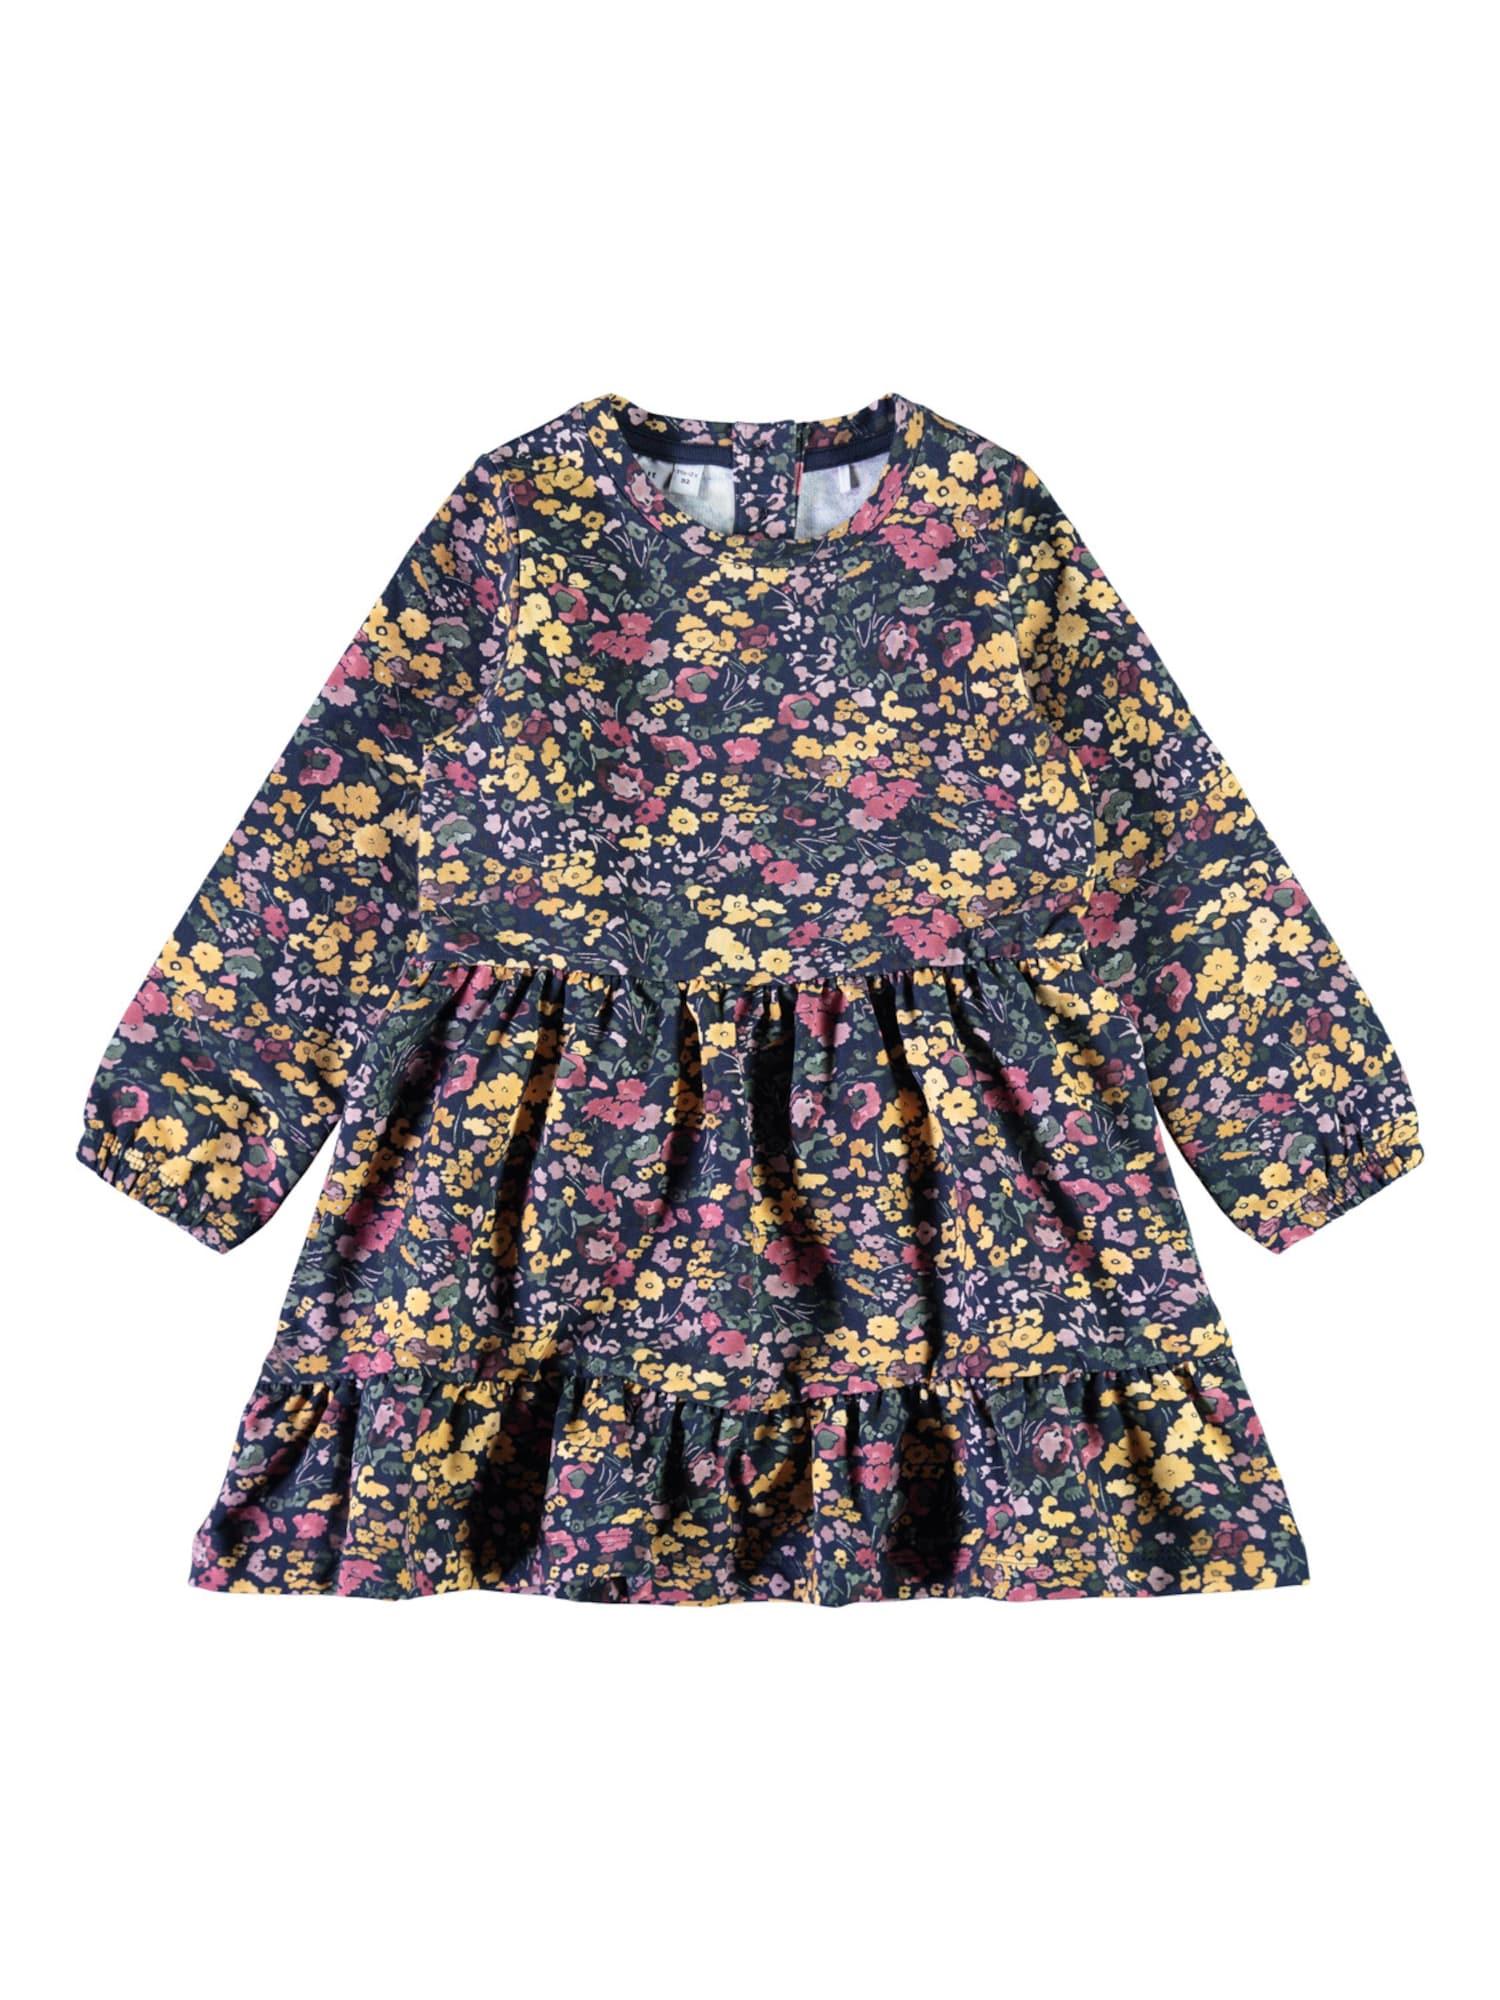 NAME IT Suknelė 'Bada' tamsiai mėlyna / rožinė / pastelinė violetinė / geltona / alyvuogių spalva